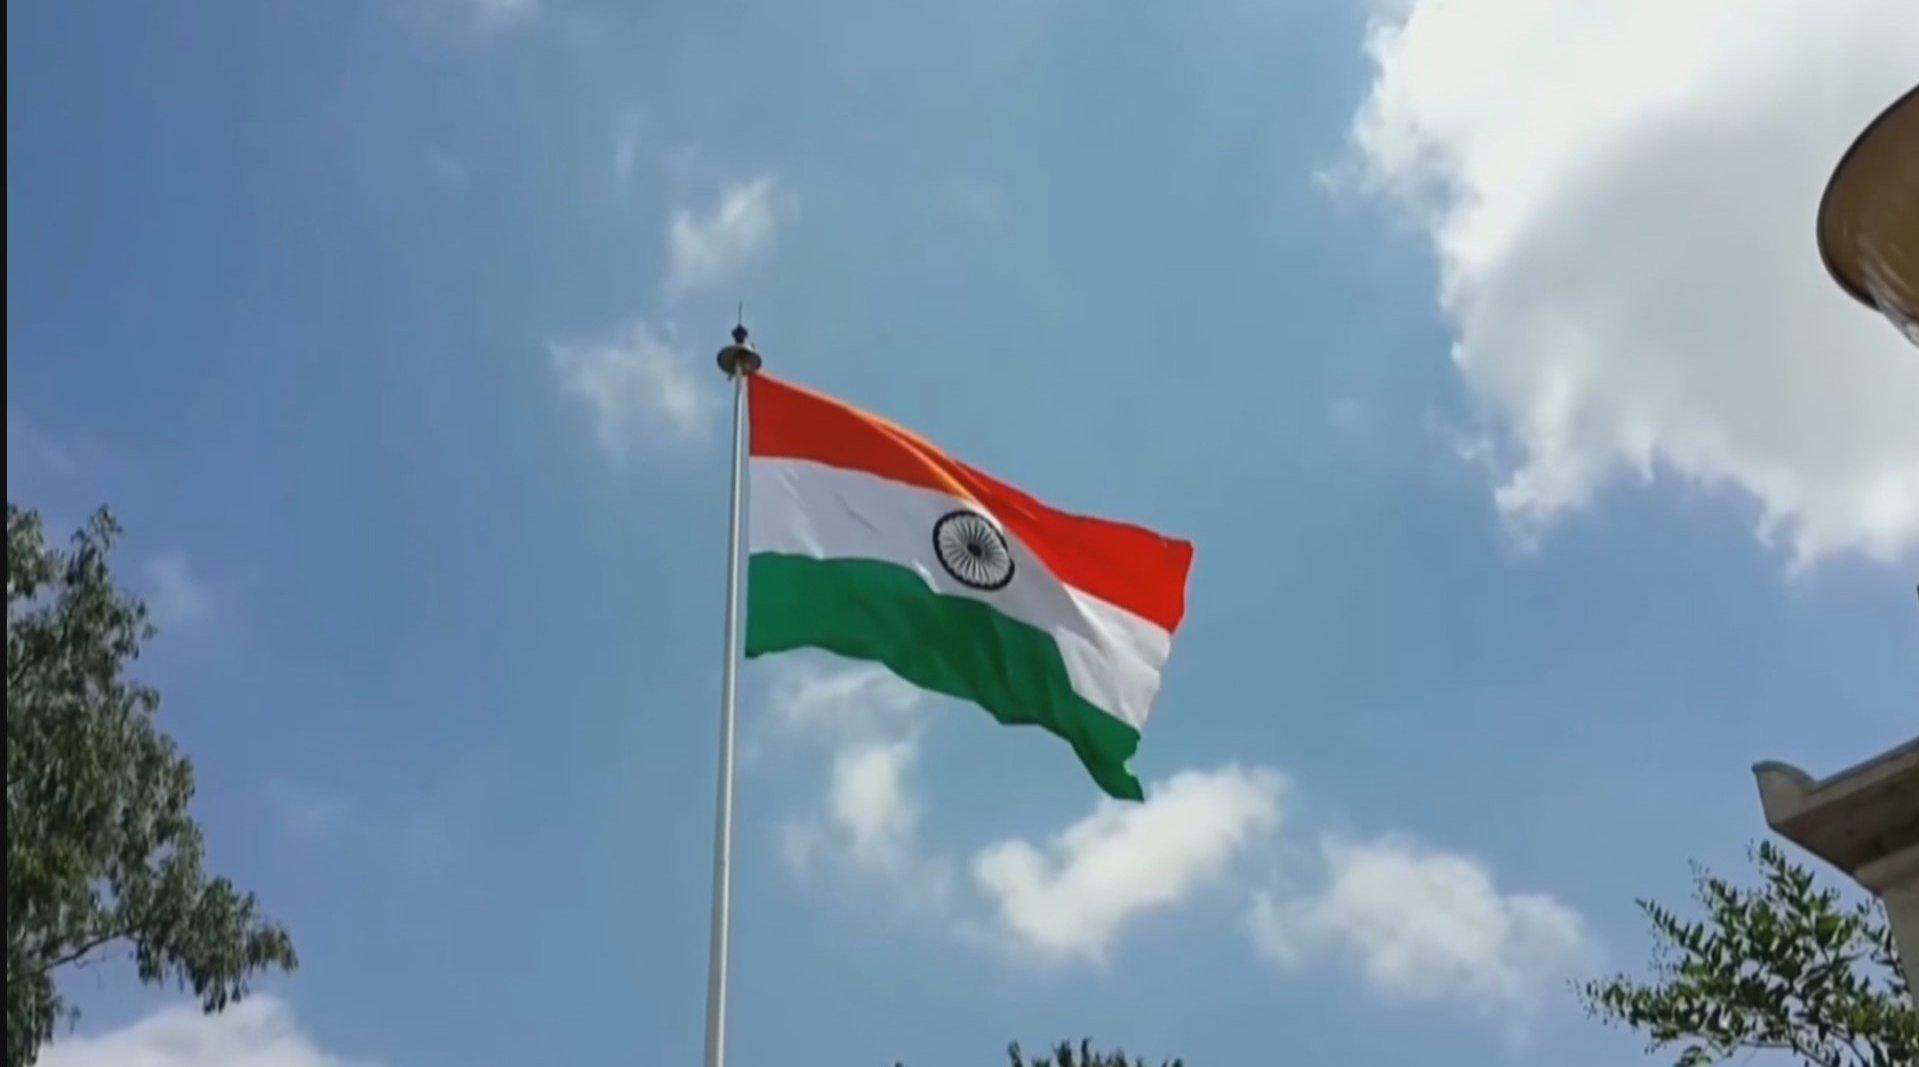 《联合早报》:印度若在中印边境闹事不能赢